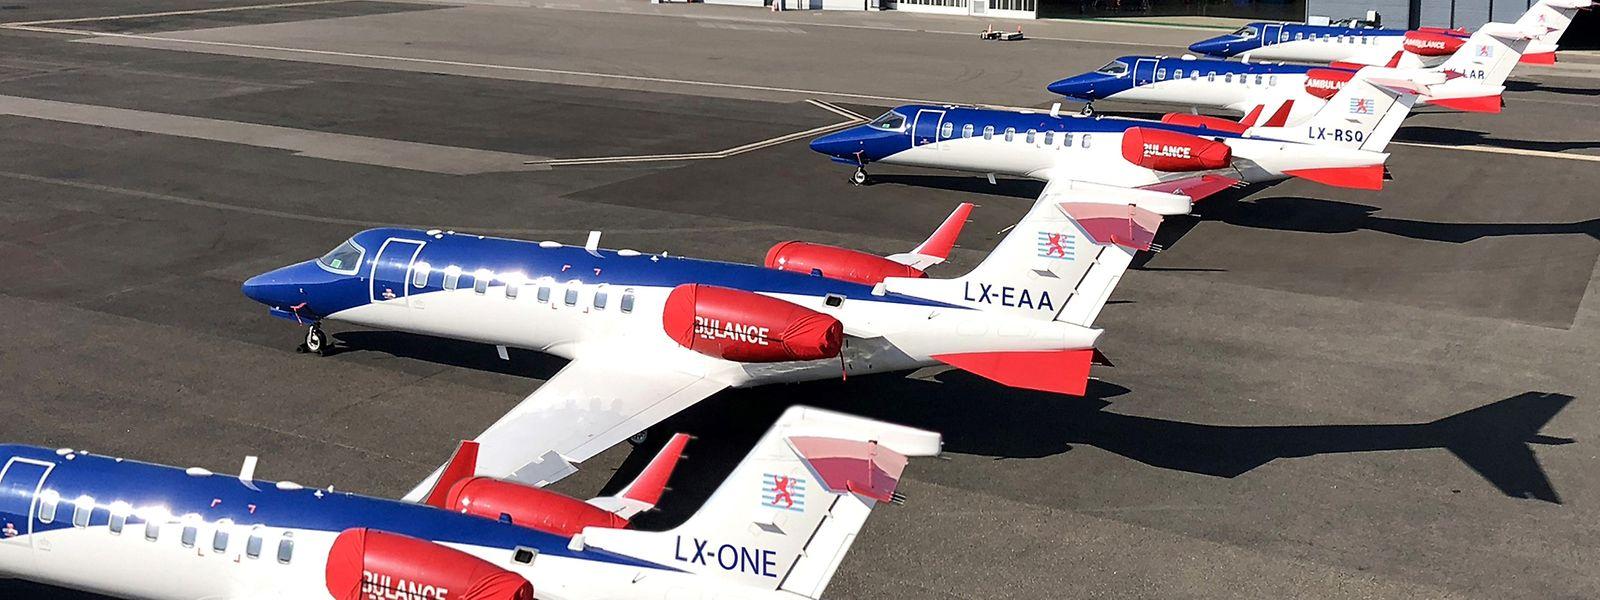 Le nouvel appareil a rejoint le Grand-Duché pour renforcer la flotte de Luxembourg Air Rescue.